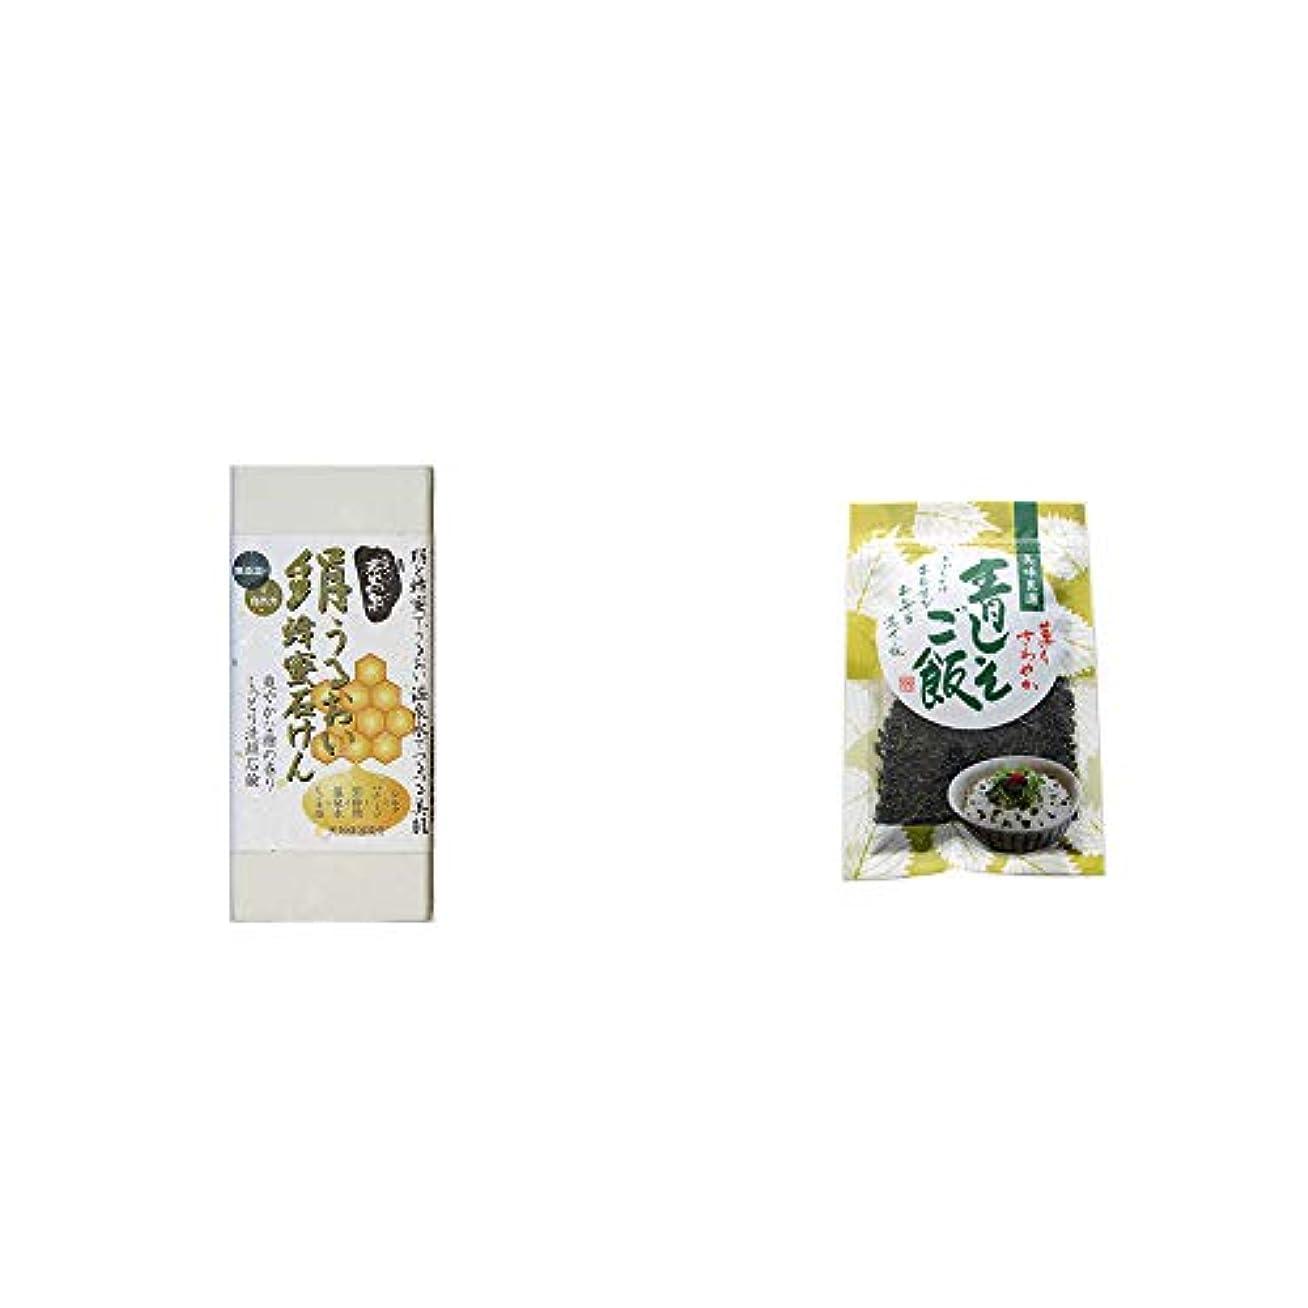 おとなしい粘性の退院[2点セット] ひのき炭黒泉 絹うるおい蜂蜜石けん(75g×2)?薫りさわやか 青しそご飯(80g)